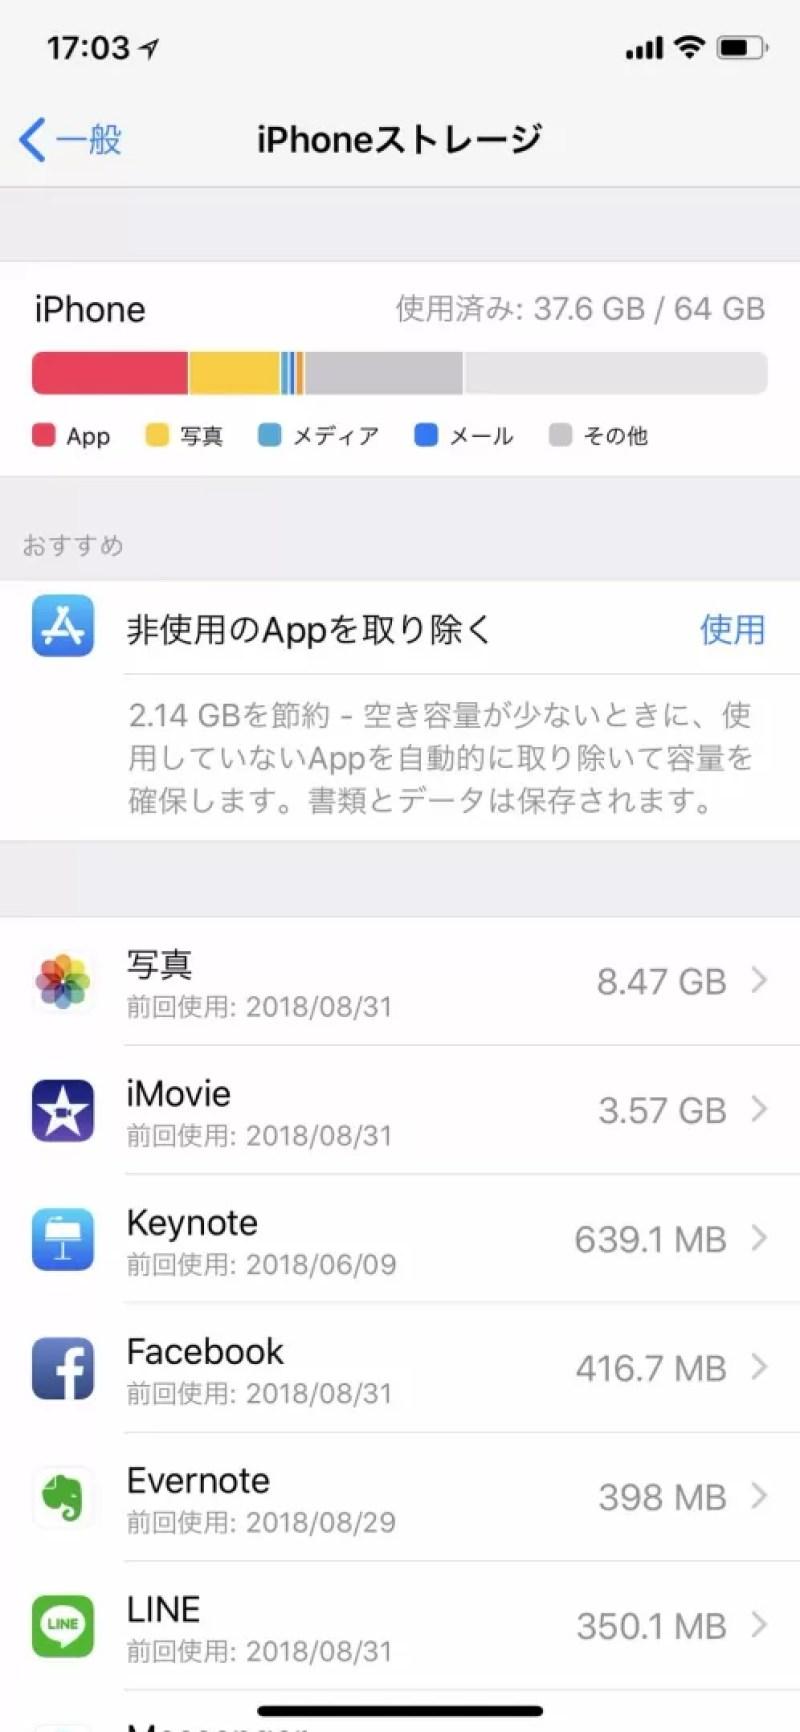 iPhone X 64GBを約1年使ったのストレージ使用状況